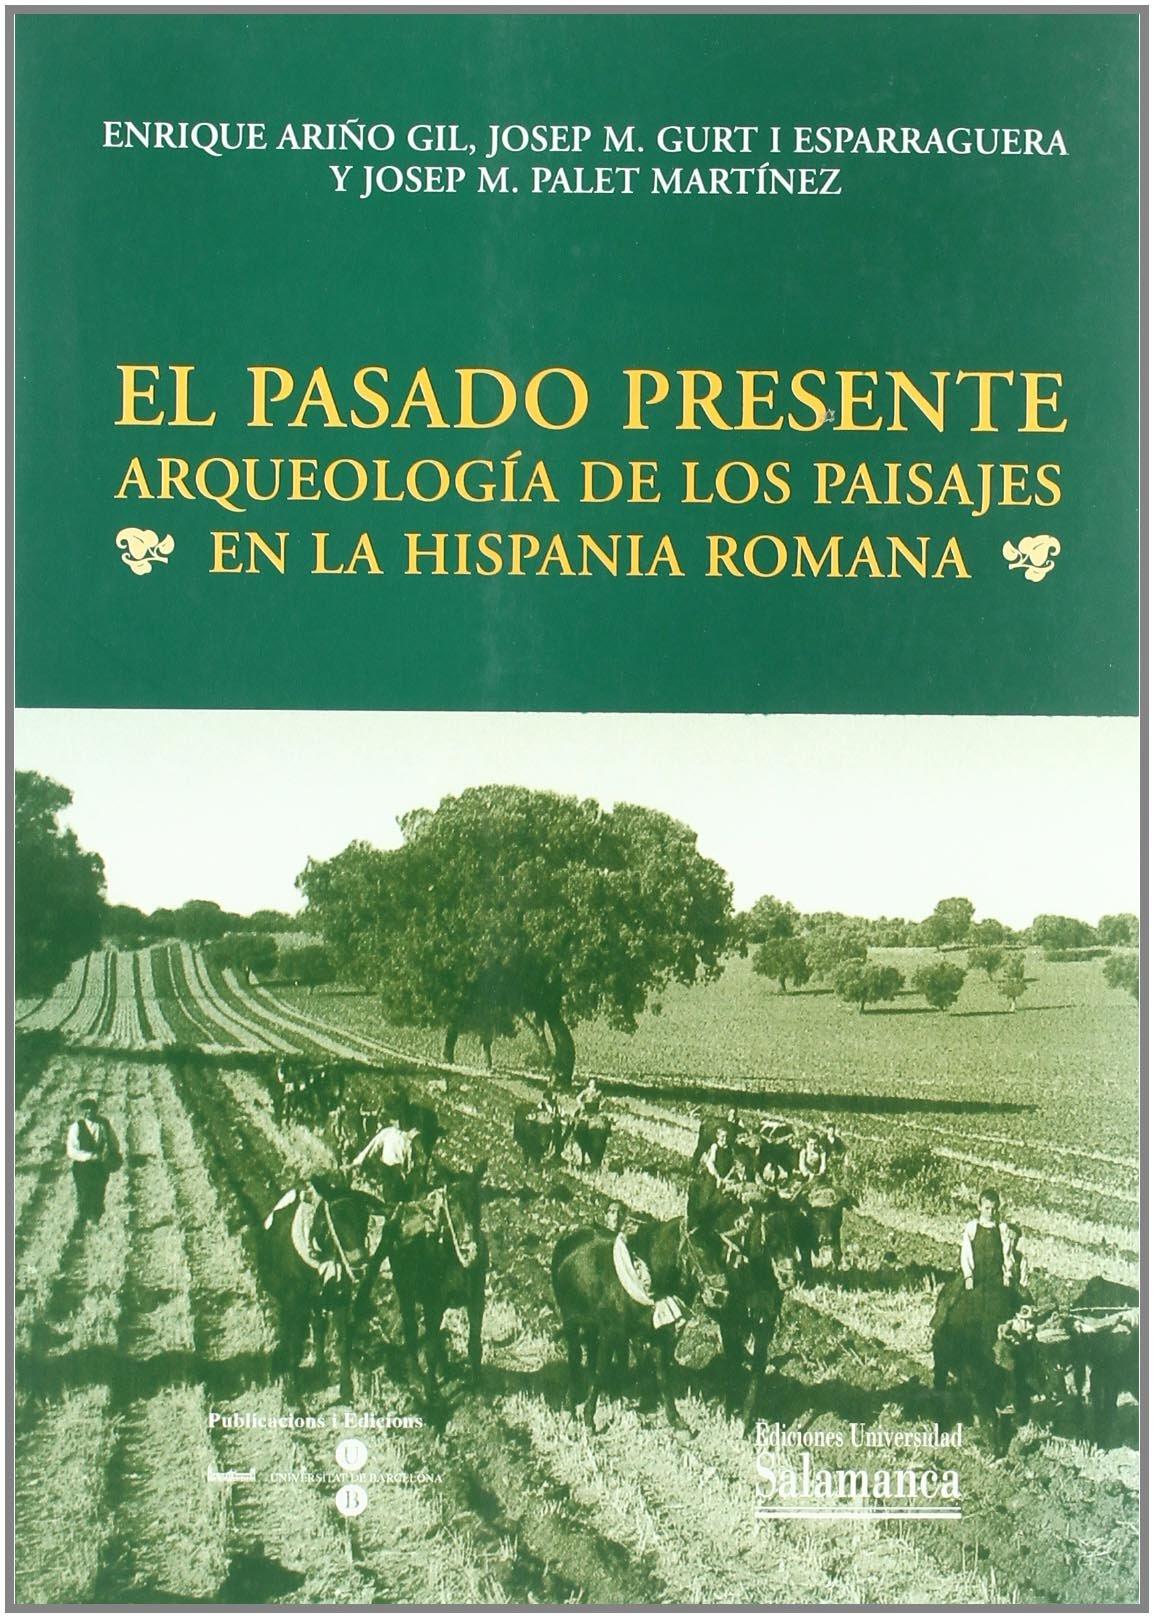 El pasado presente. Arqueología de los paisajes en la Hispania Romana Estudios históricos y geográficos: Amazon.es: Ariño Gil, Enrique (et al.): Libros